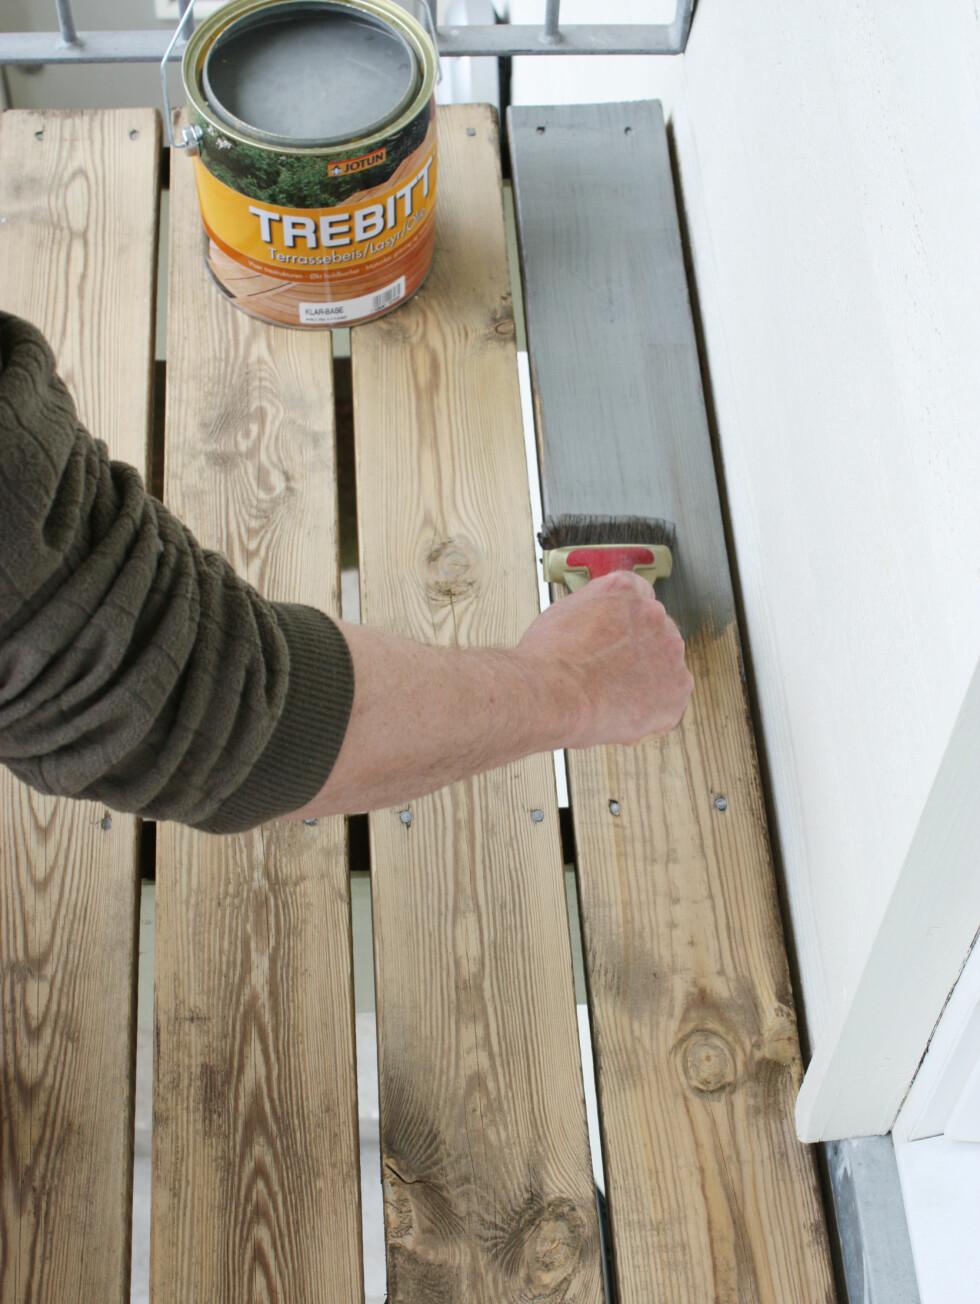 Ønsker du å beise eller bytte farge på terrassen må du vente til treverket har tørket. Så er det bare å påføre etter anvisning på boksen. Foto: IFI